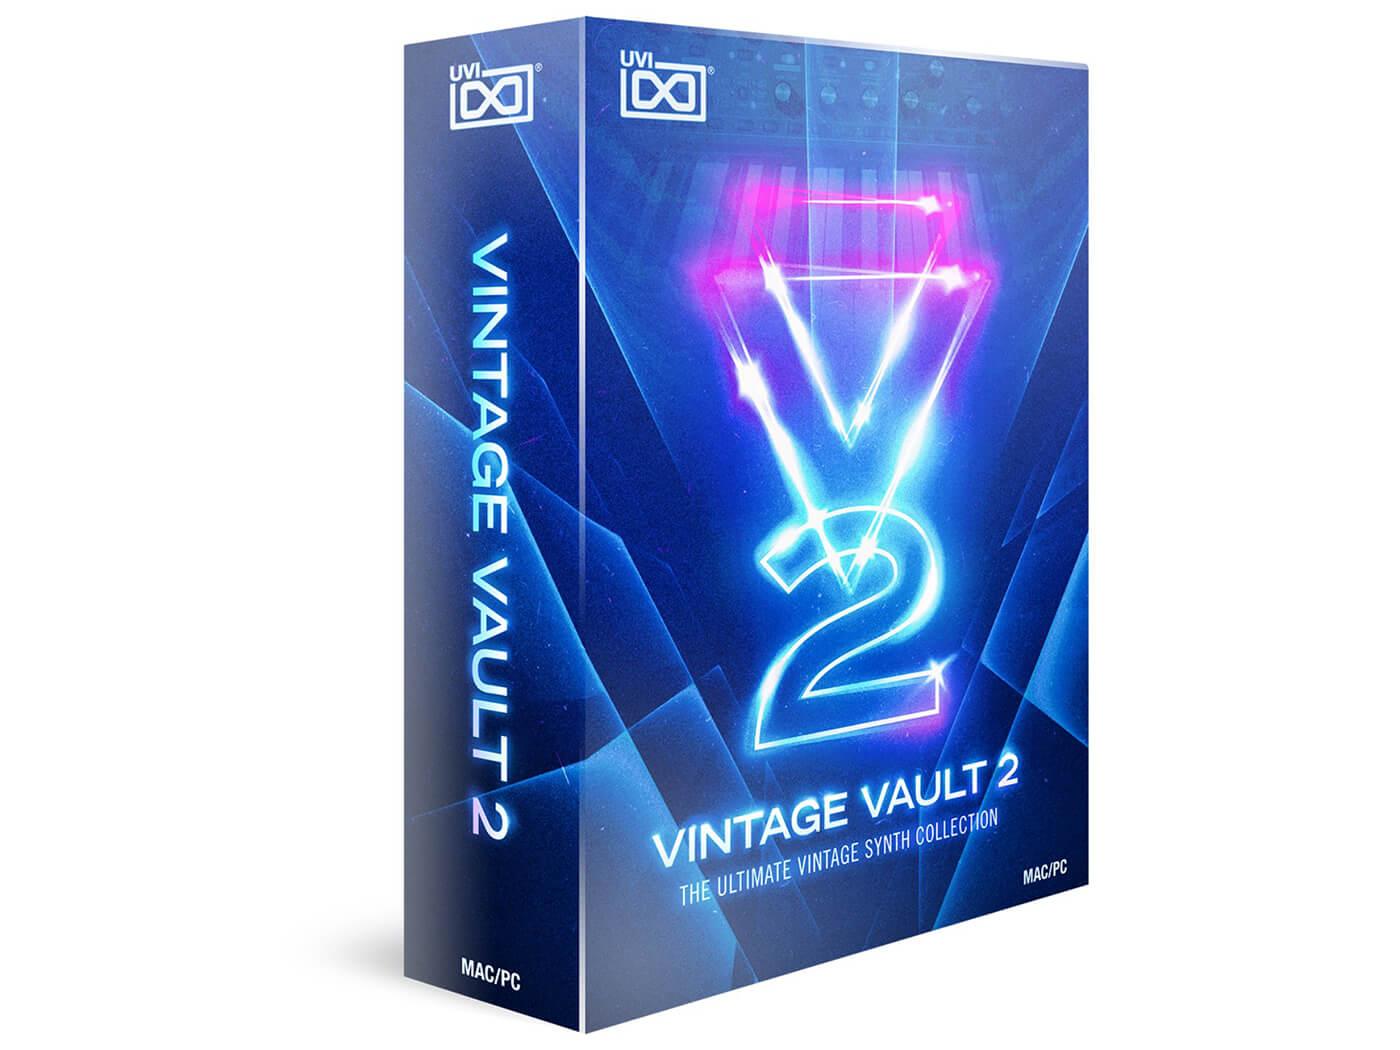 UVI Vintage Vault 2